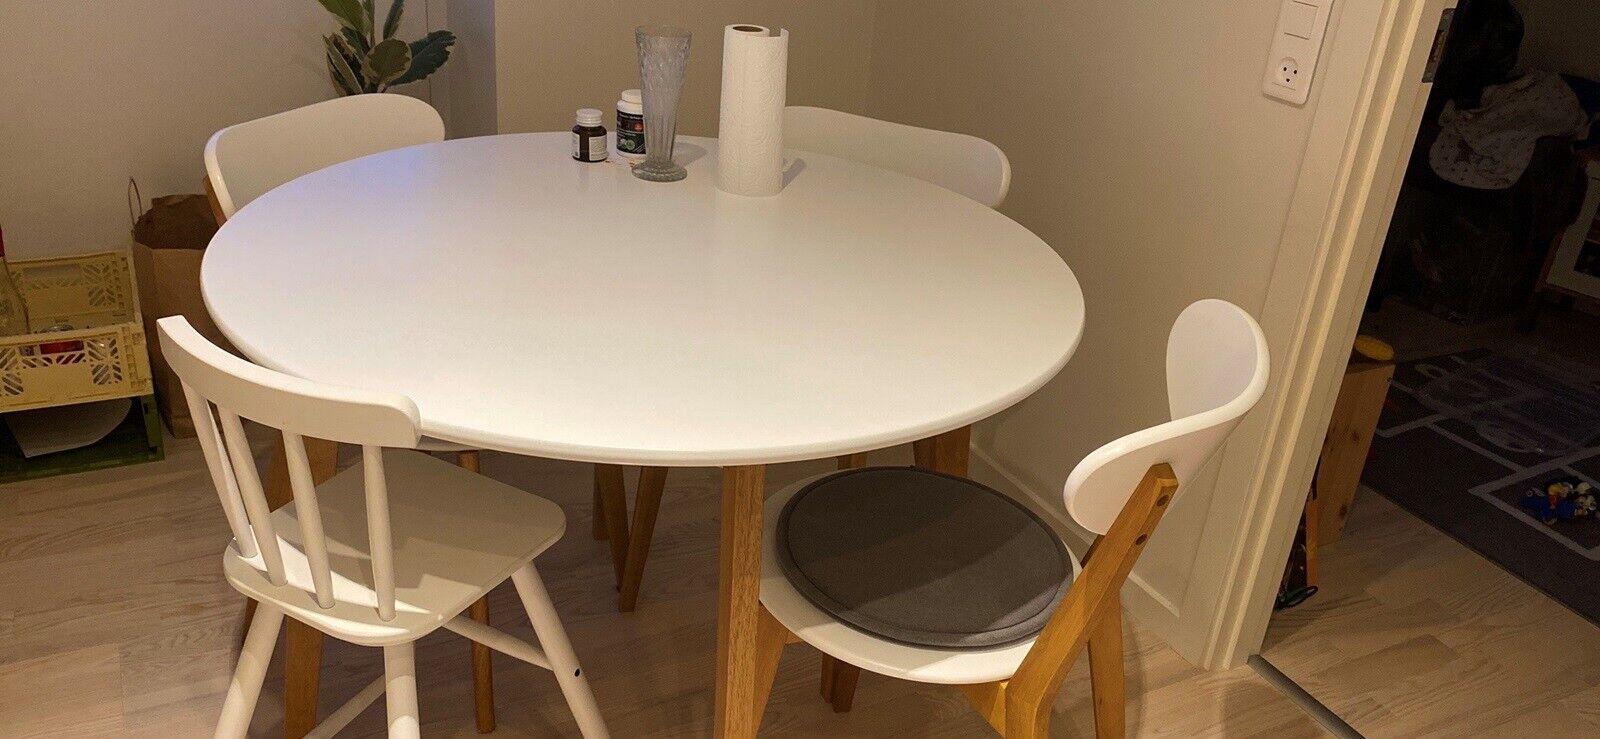 Spisebord mstole, Jegind fra